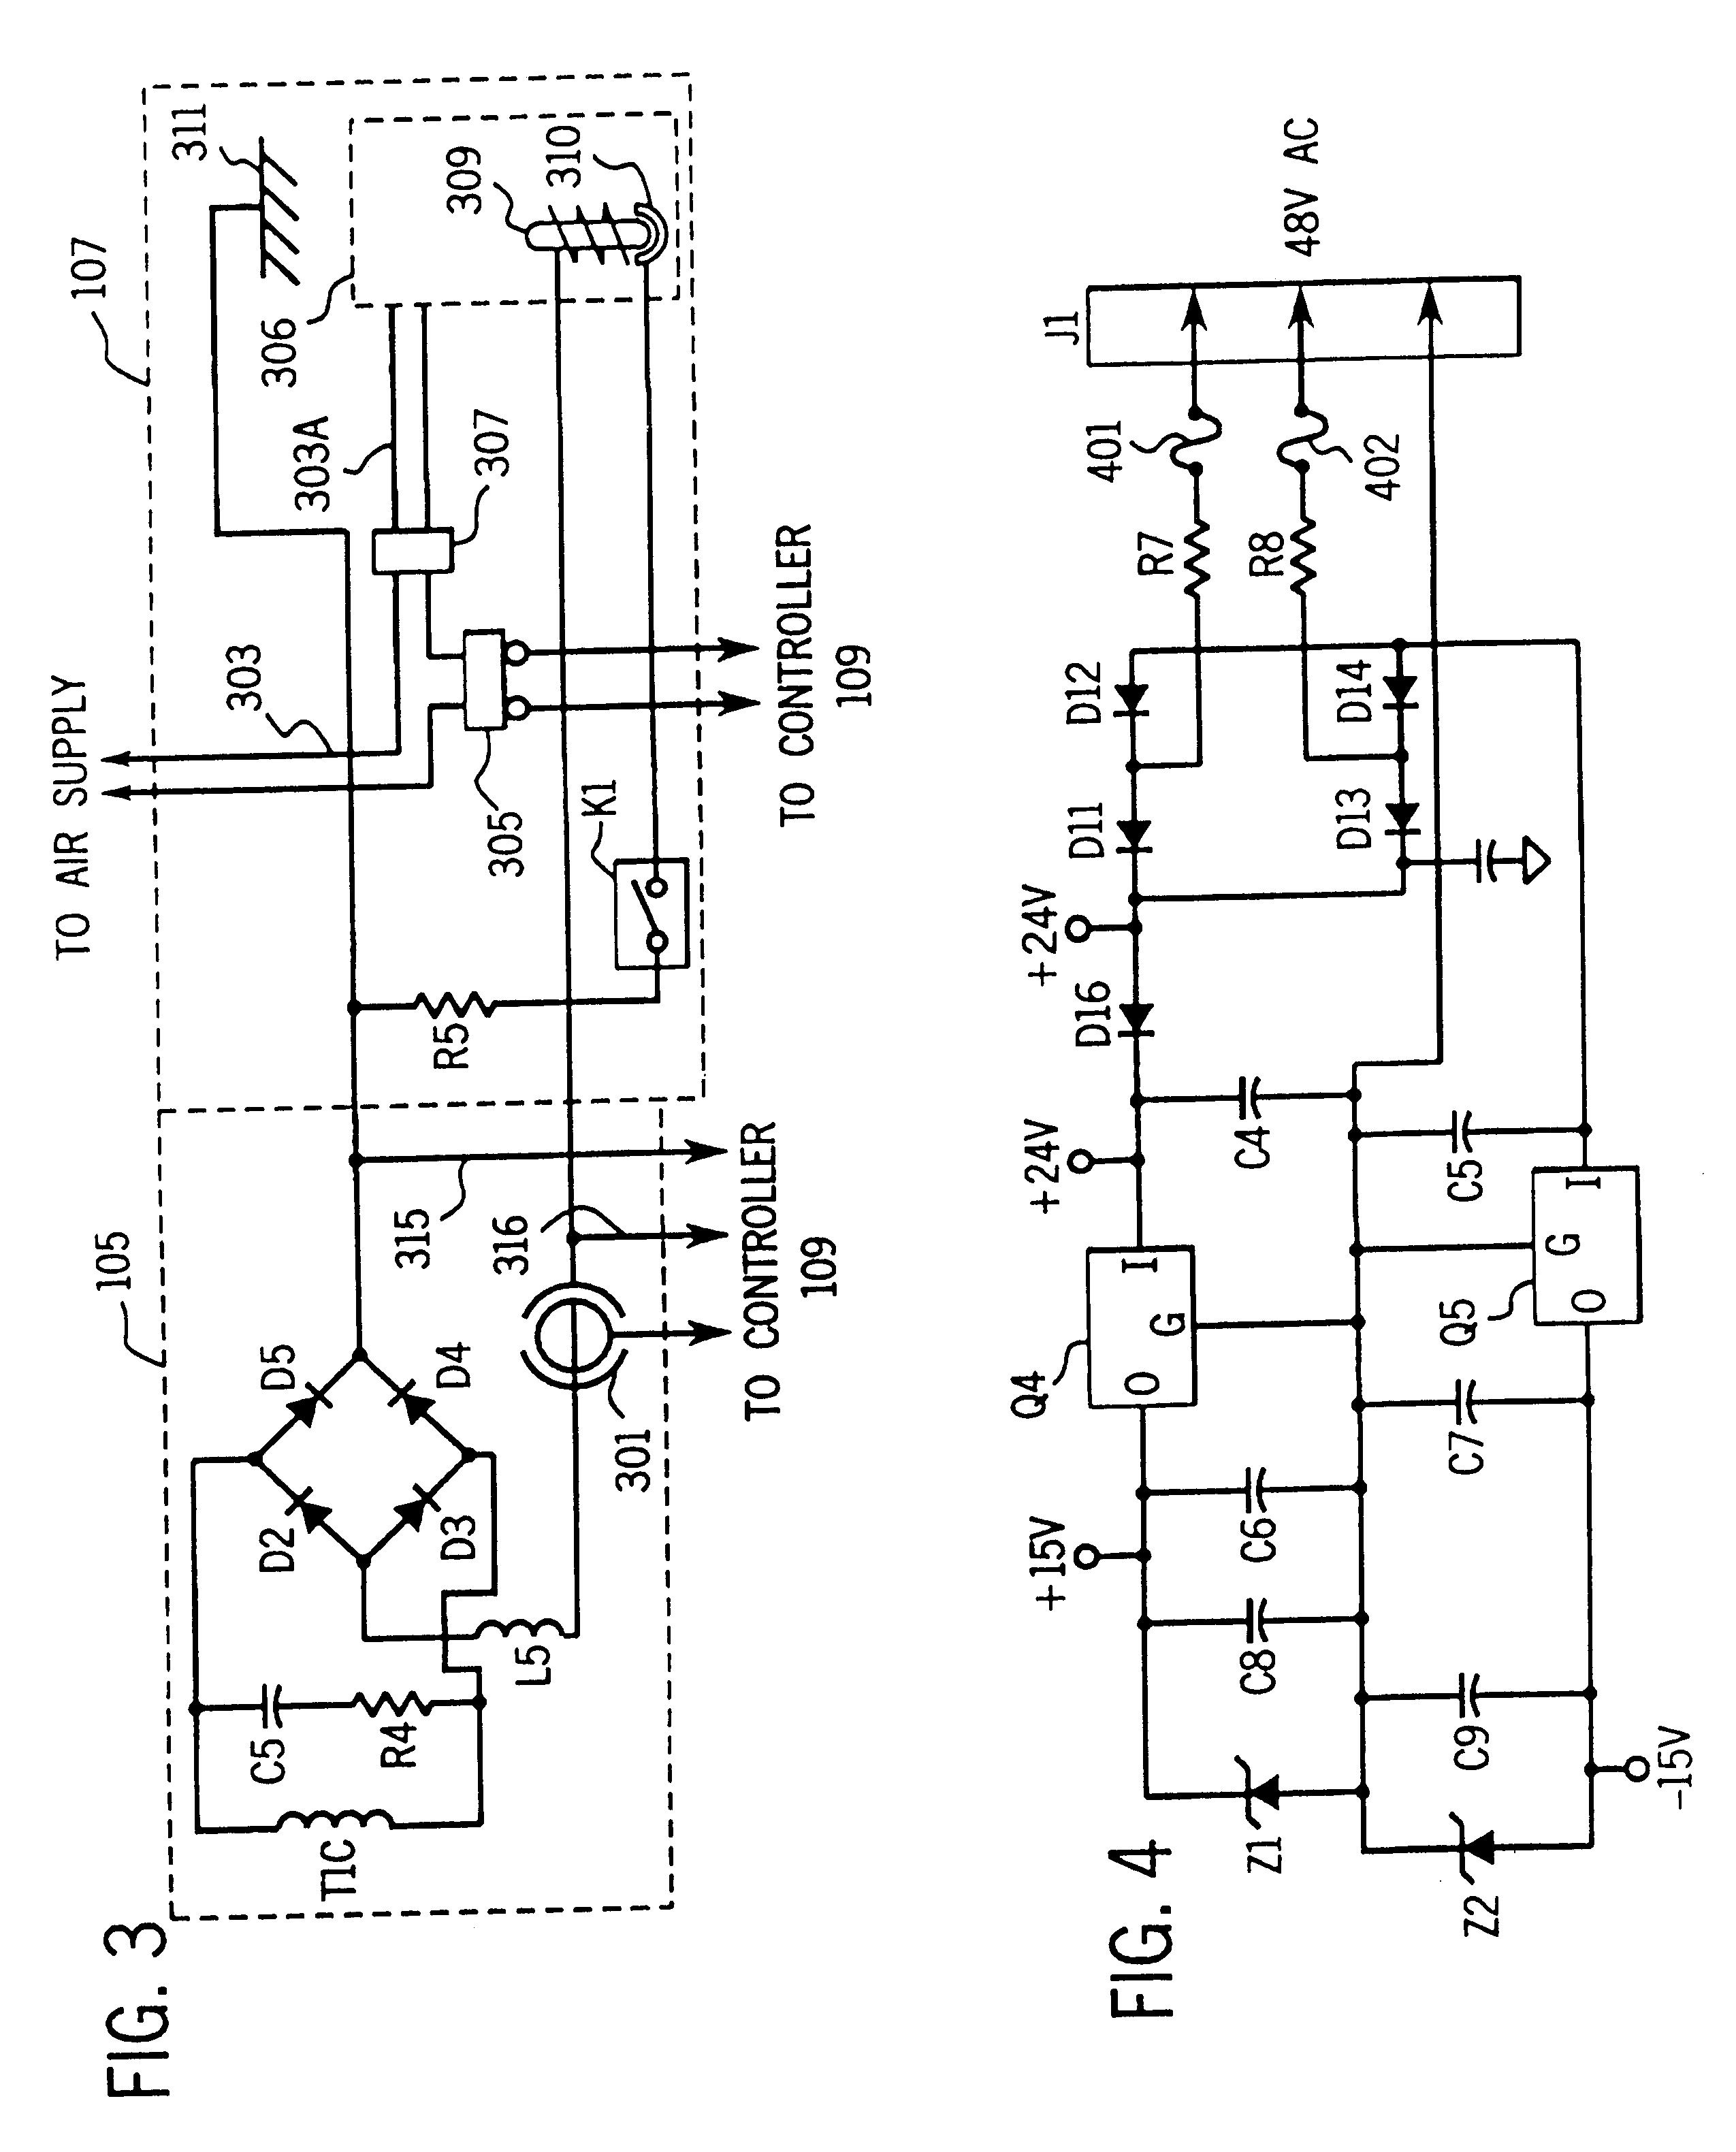 plasma cutter 60 wiring schematic plasma get free image about wiring diagram